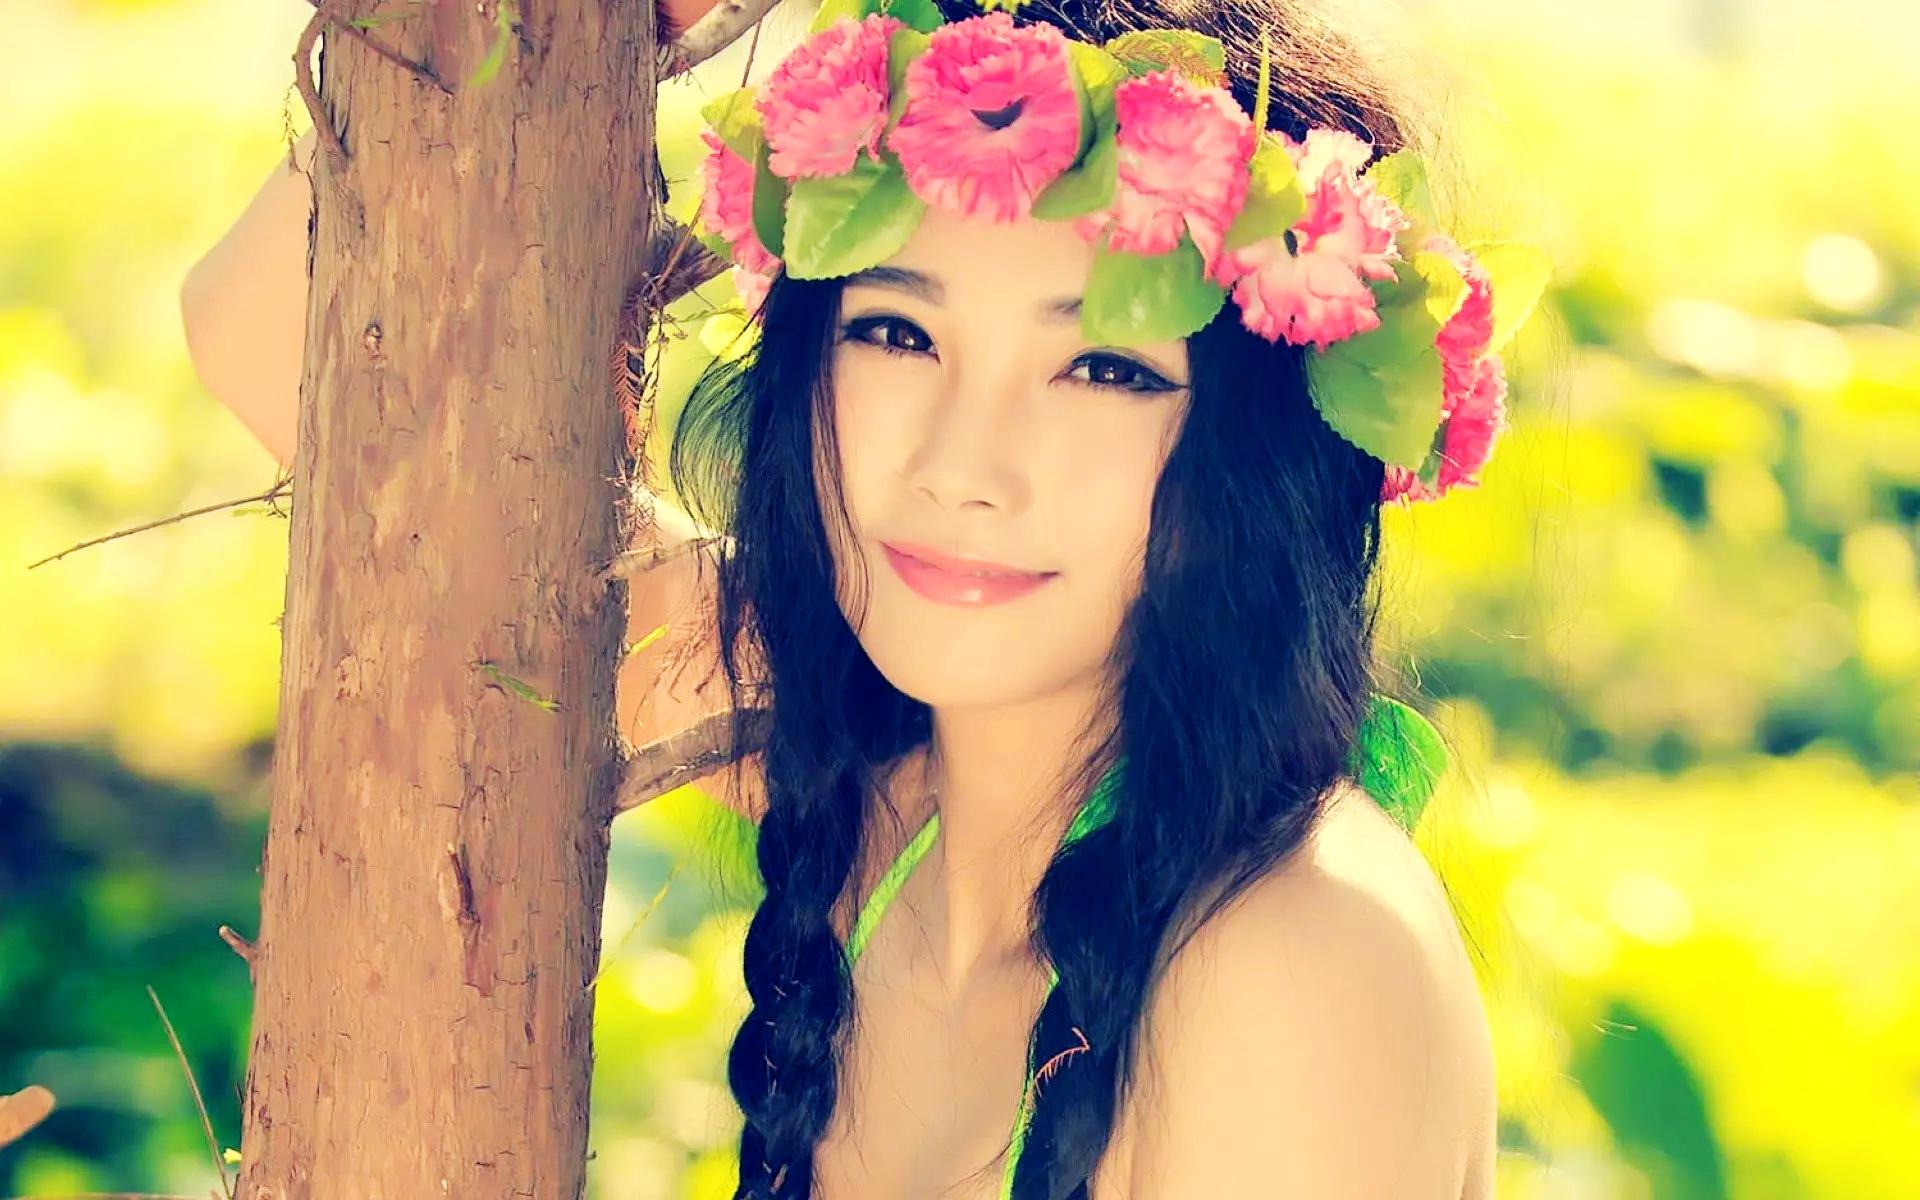 暗恋不是原罪,懒惰才是,懒得谈恋爱才是根源